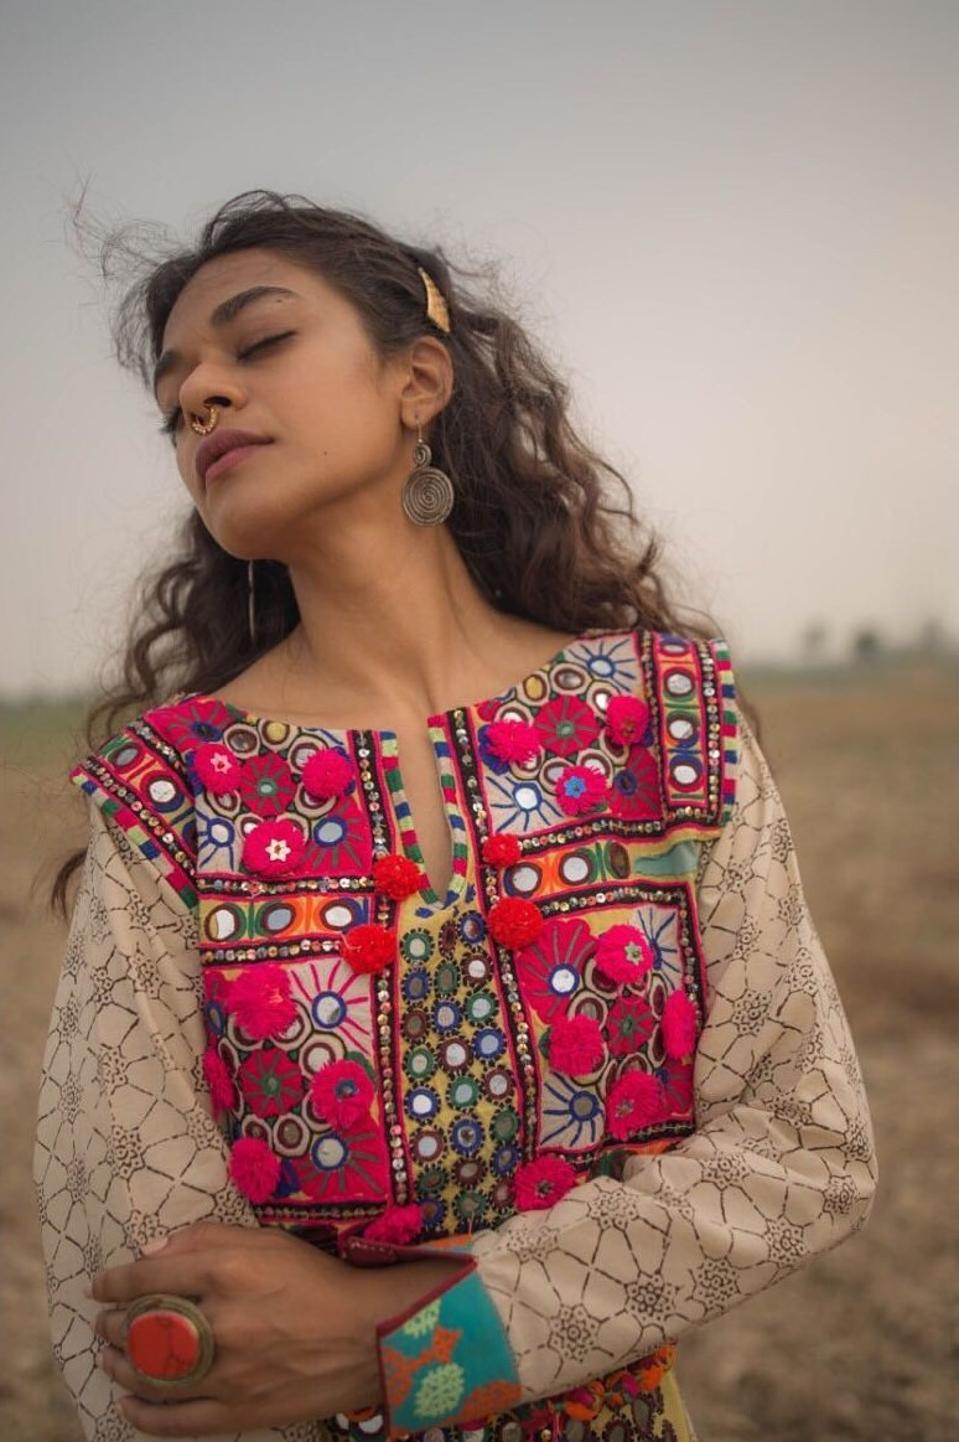 A model wears a meenakari tunic by Aman Kay Rang.